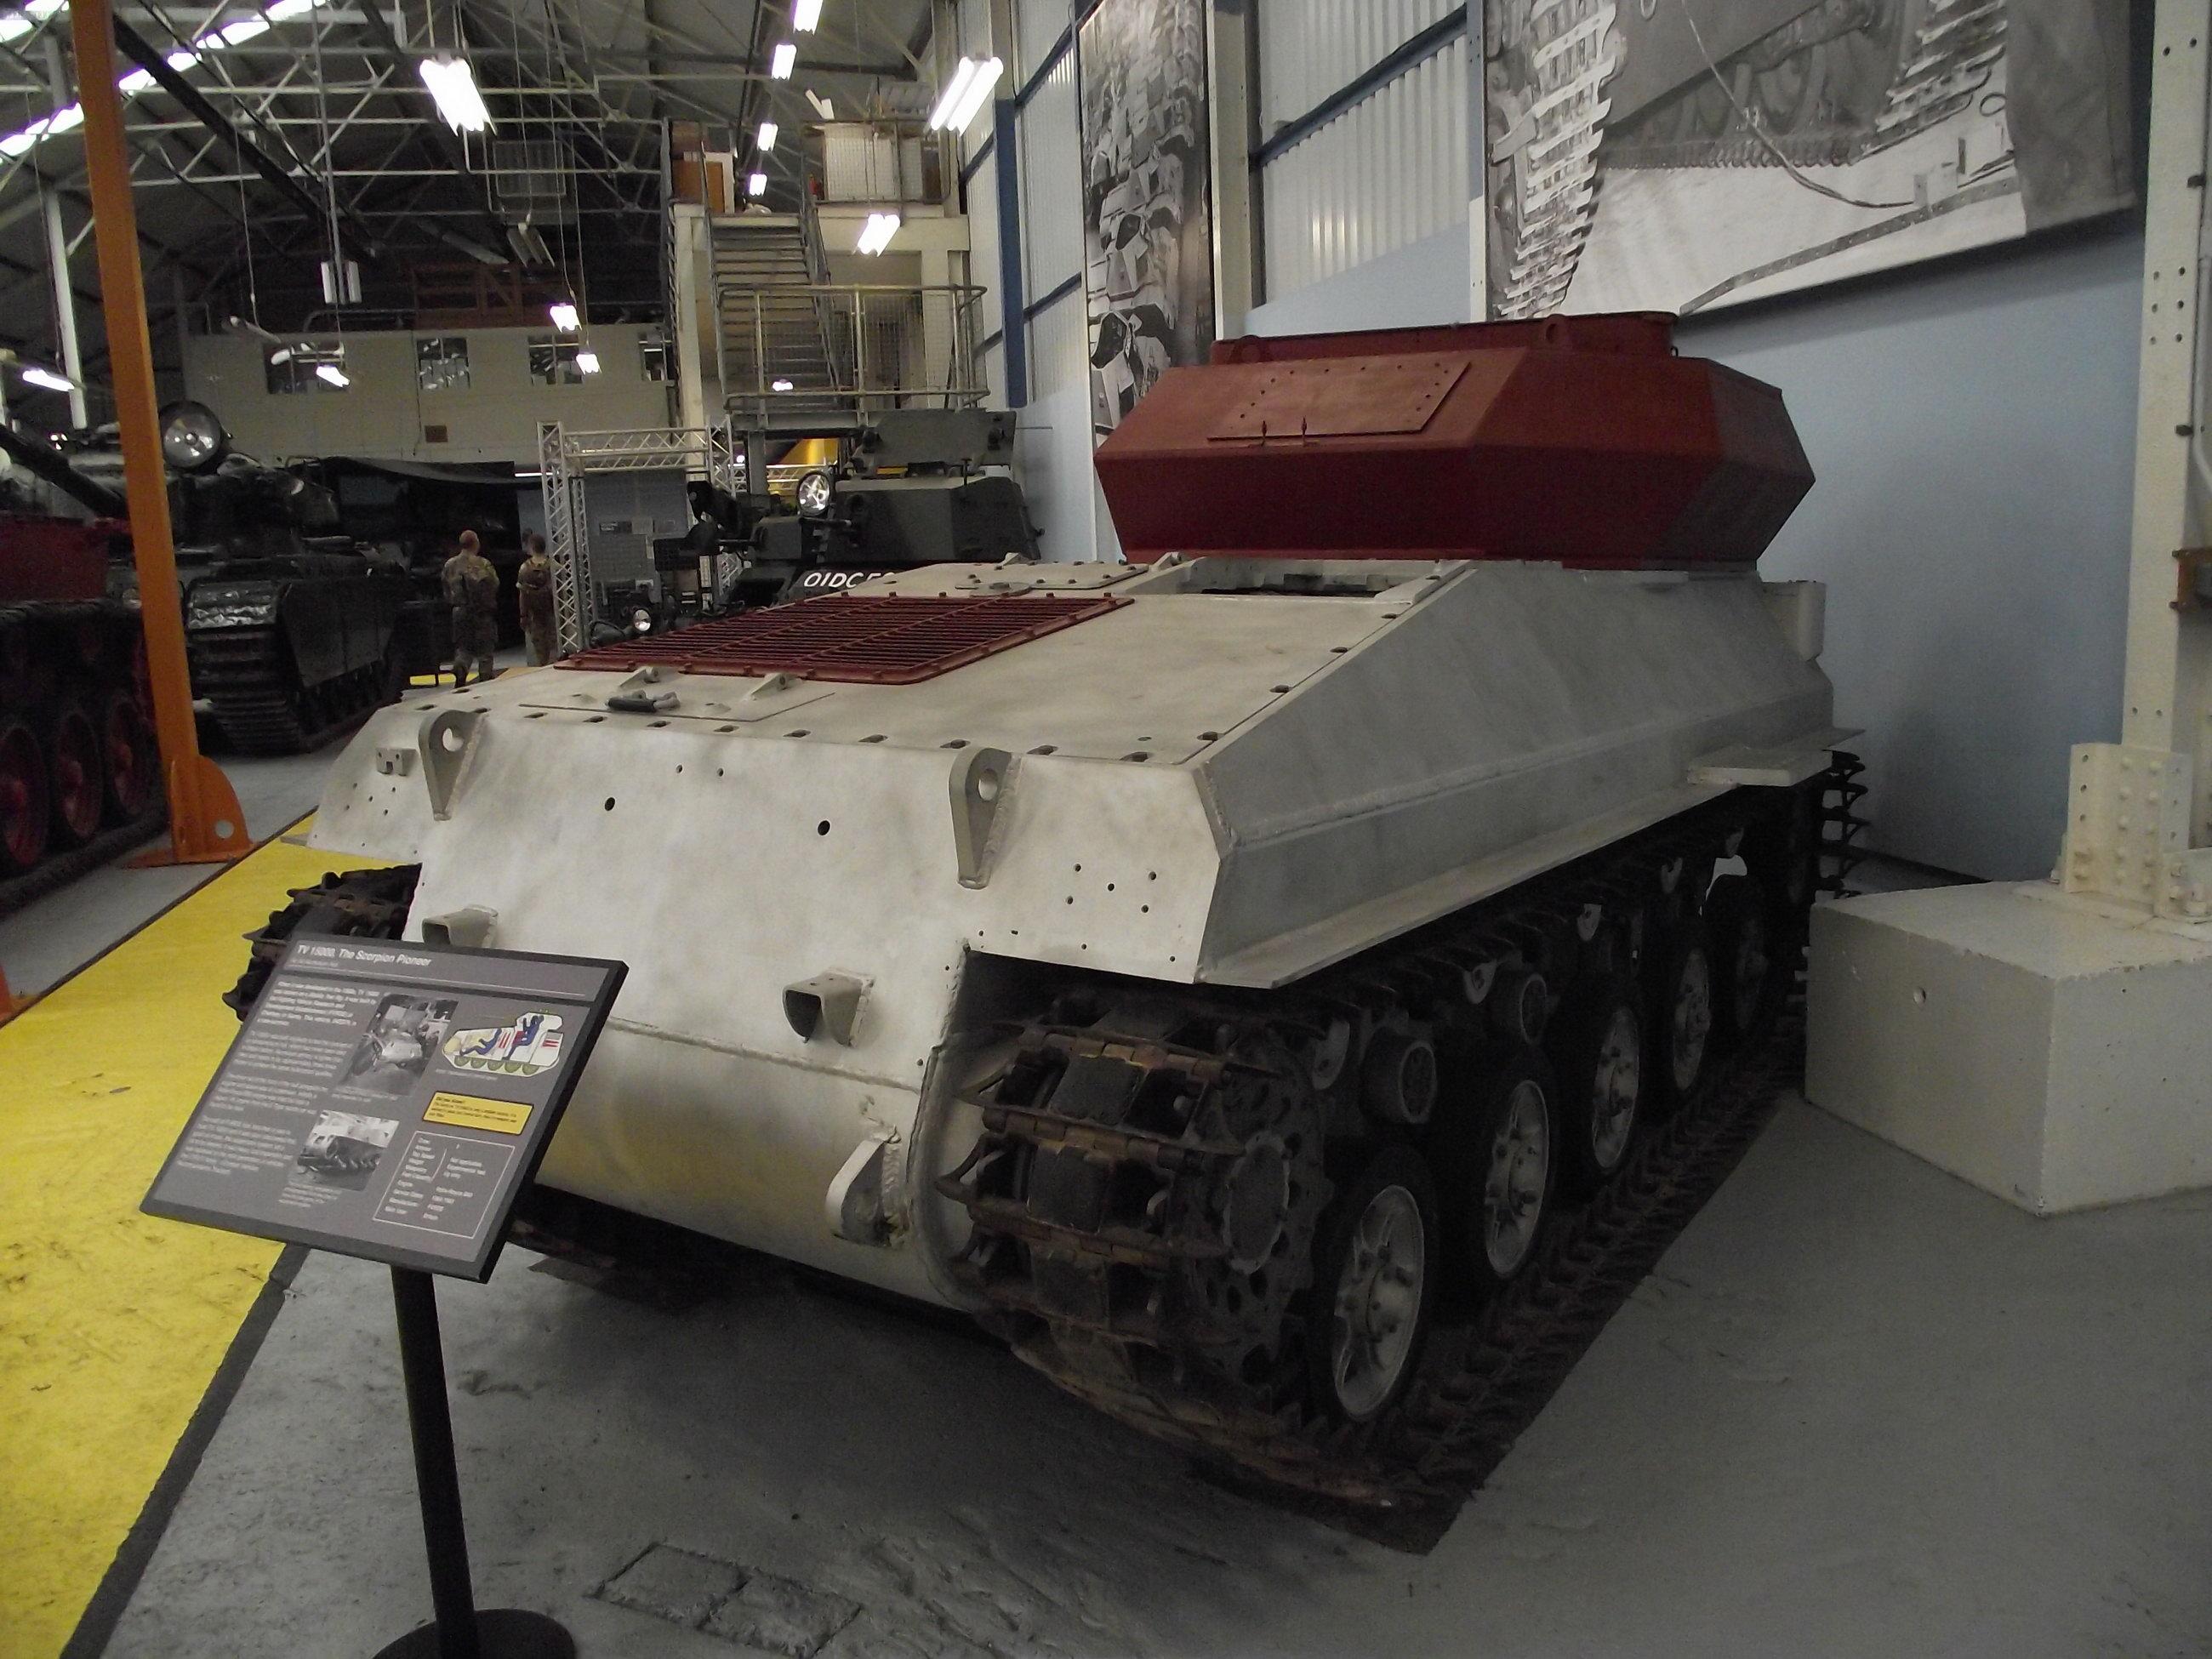 Tank_Museum_20180919_592.jpg